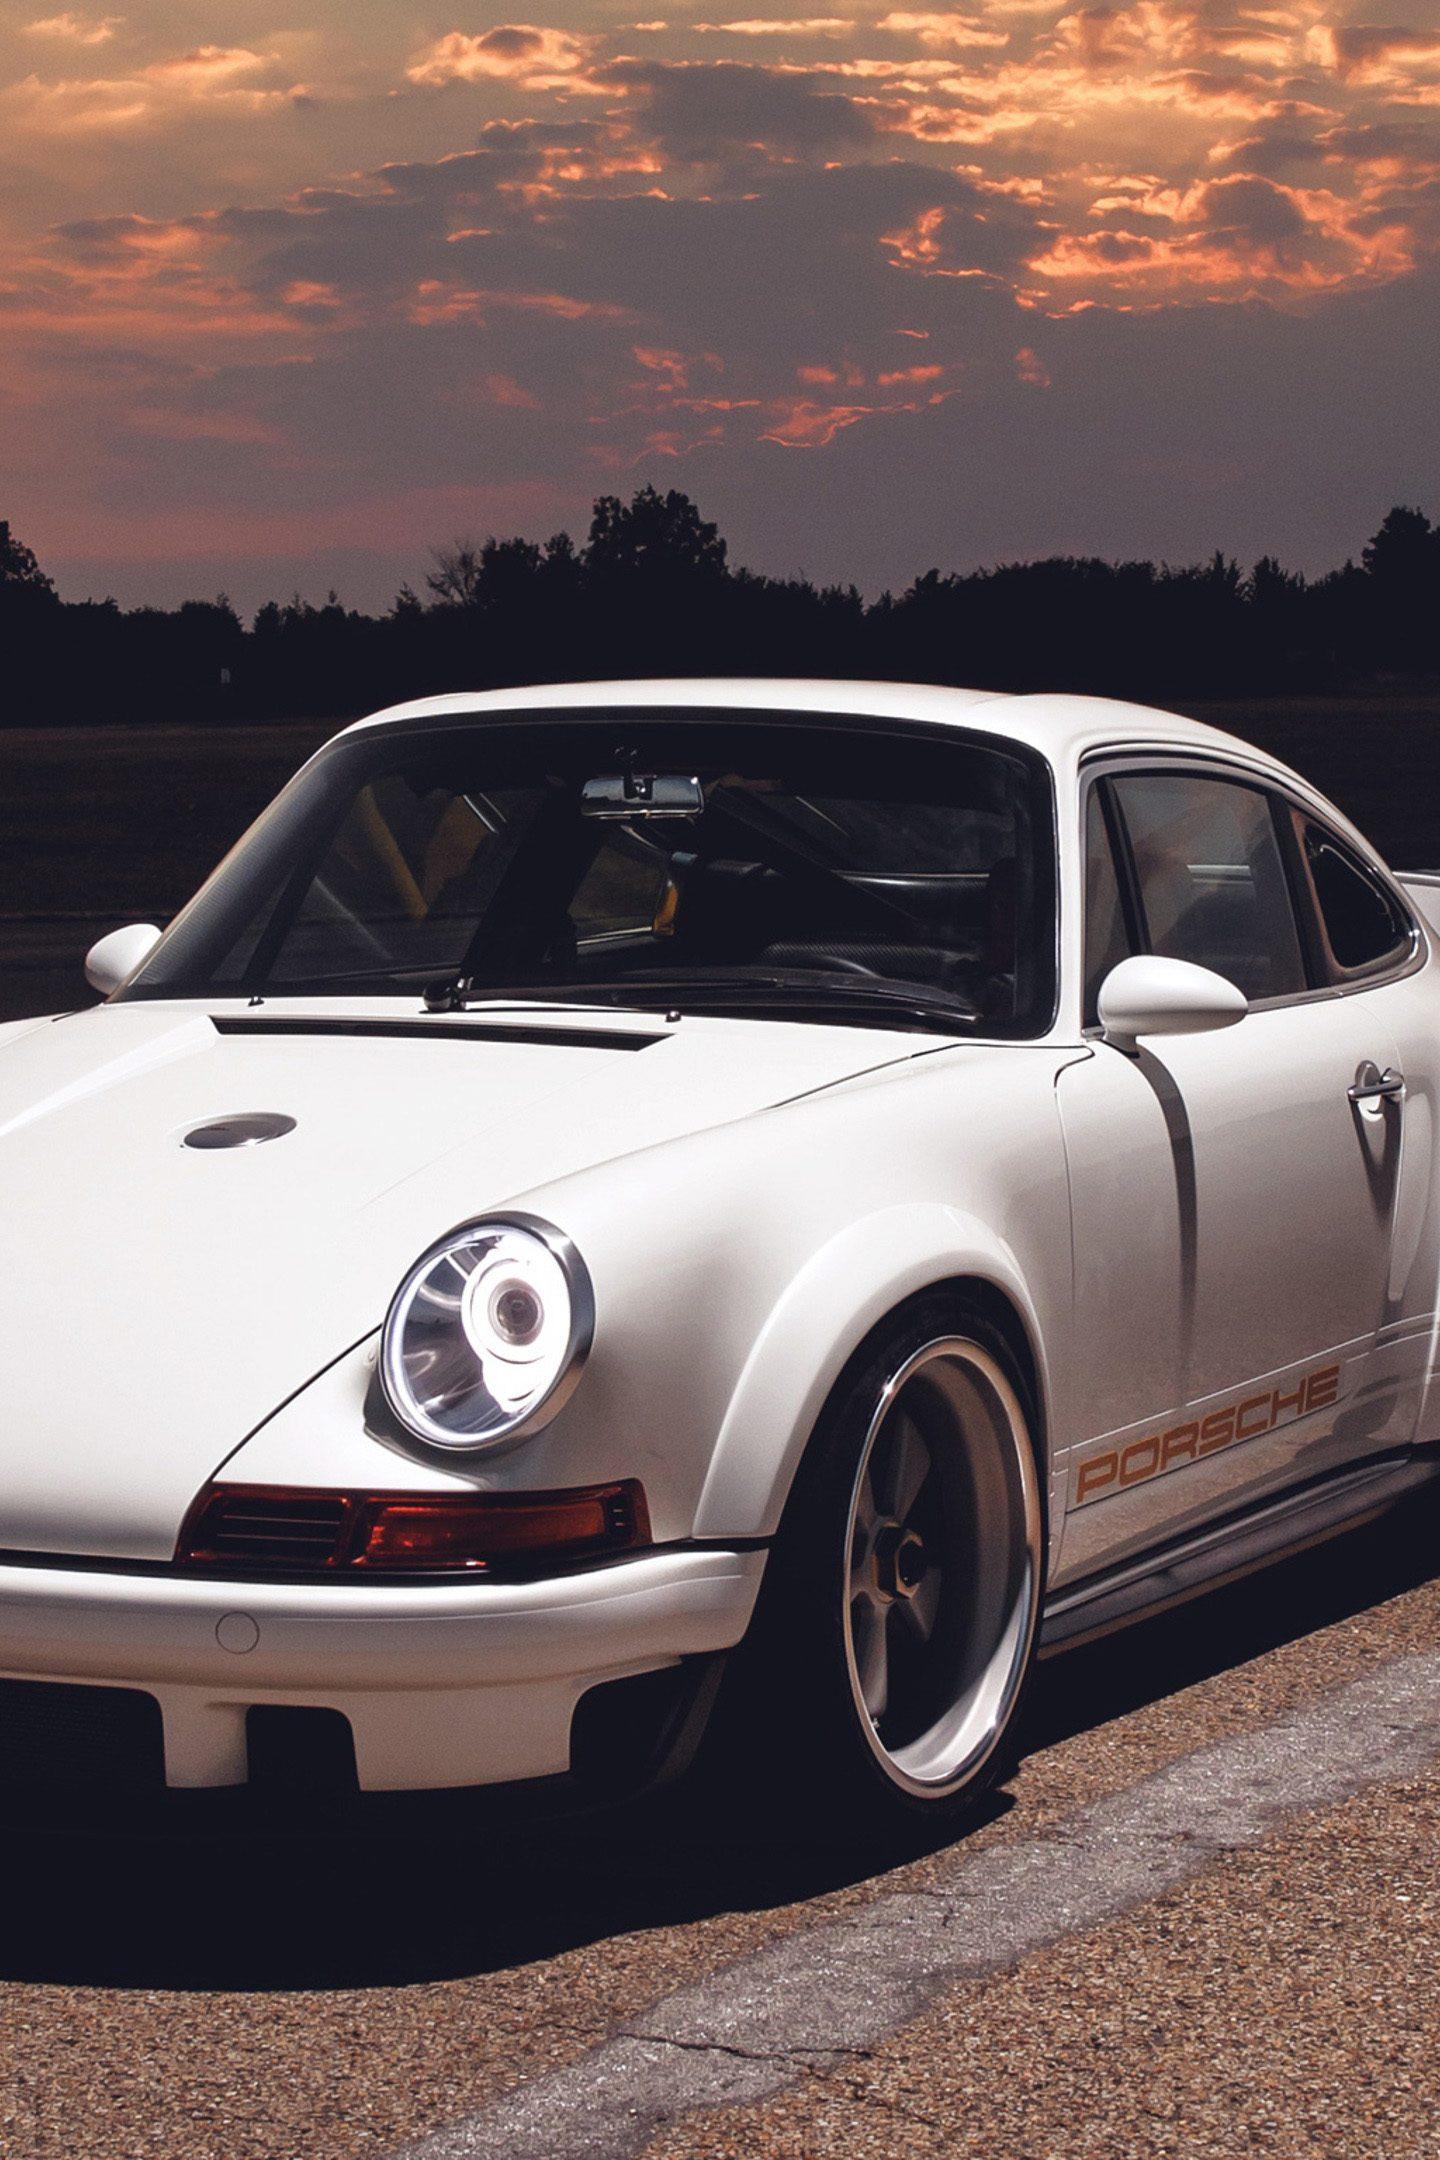 Porsche Singer Car Design 4k Wallpaper Best Wallpapers